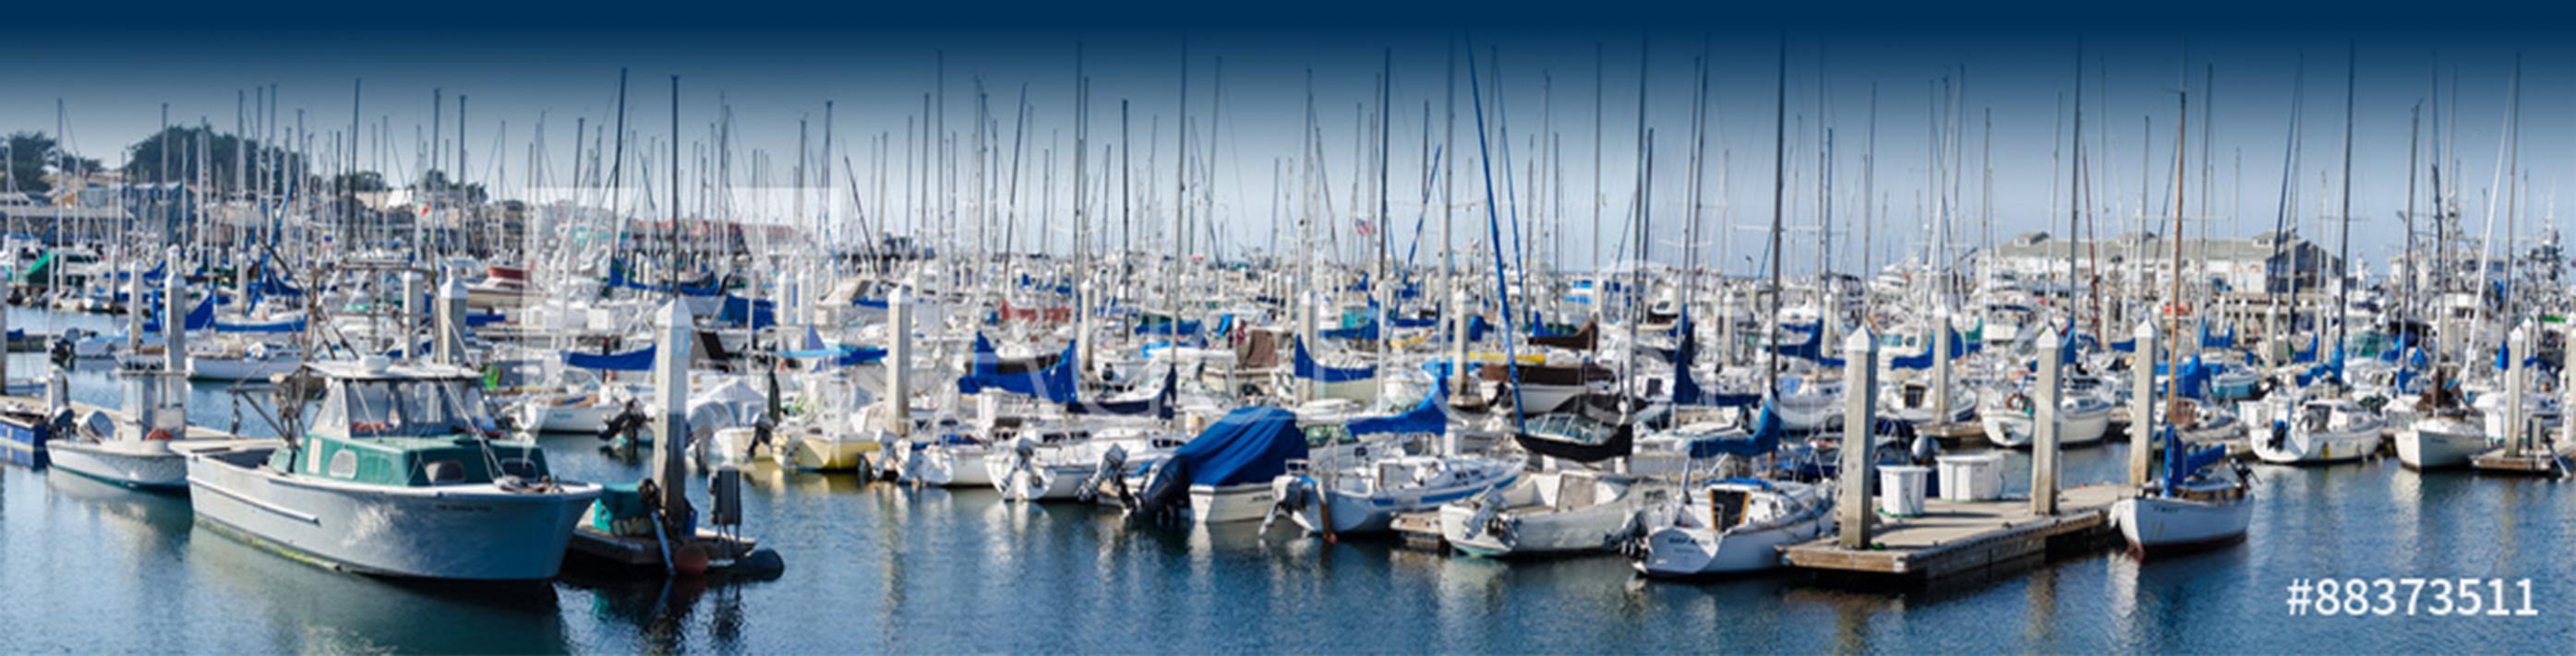 Crescent Beach Marina Co company